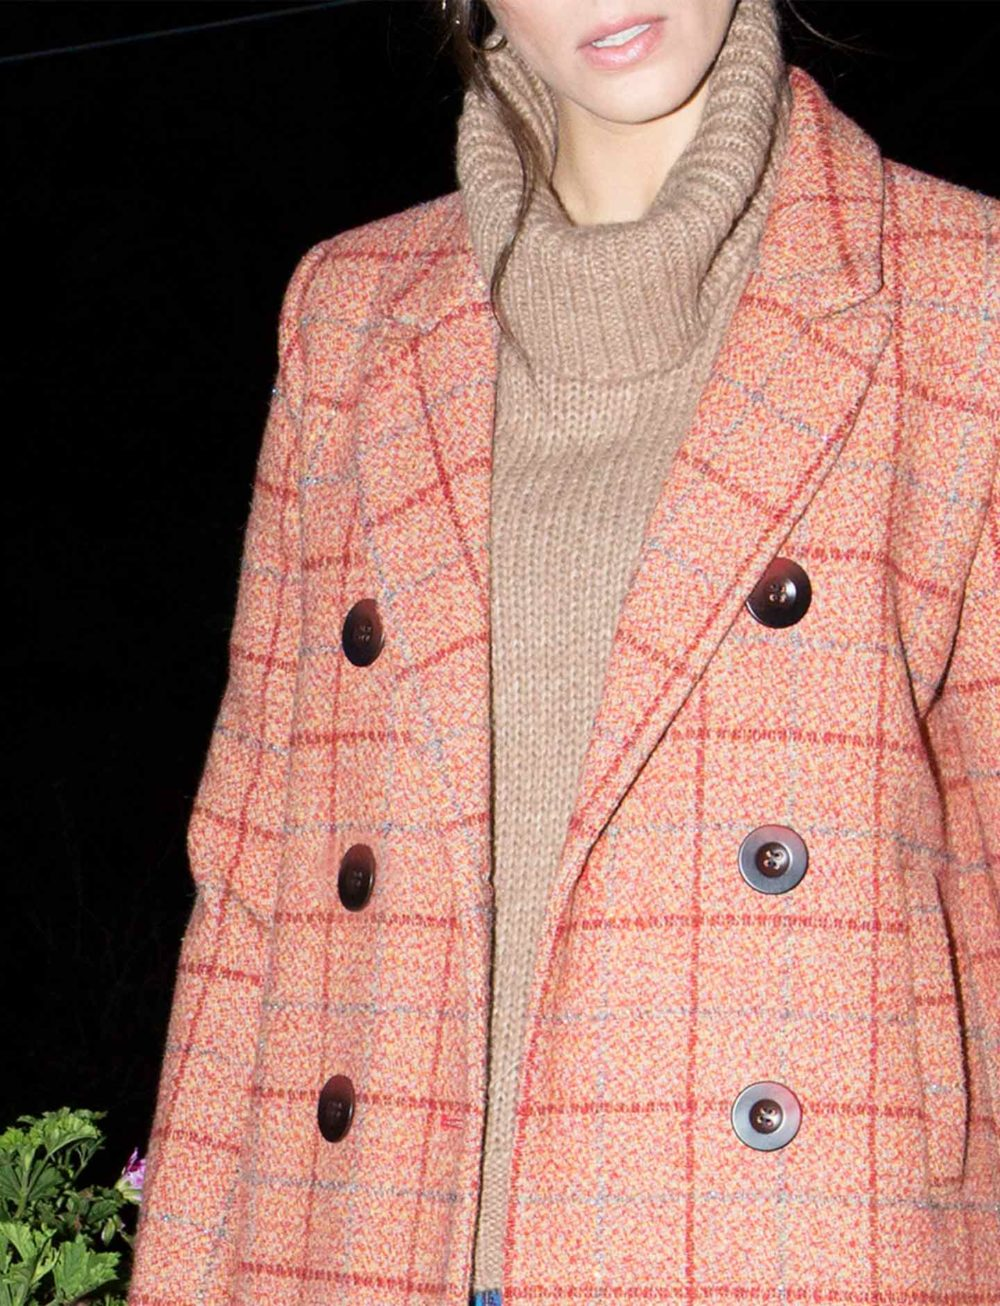 abrigo-rojo-cuadros-botones-grandes-detalle